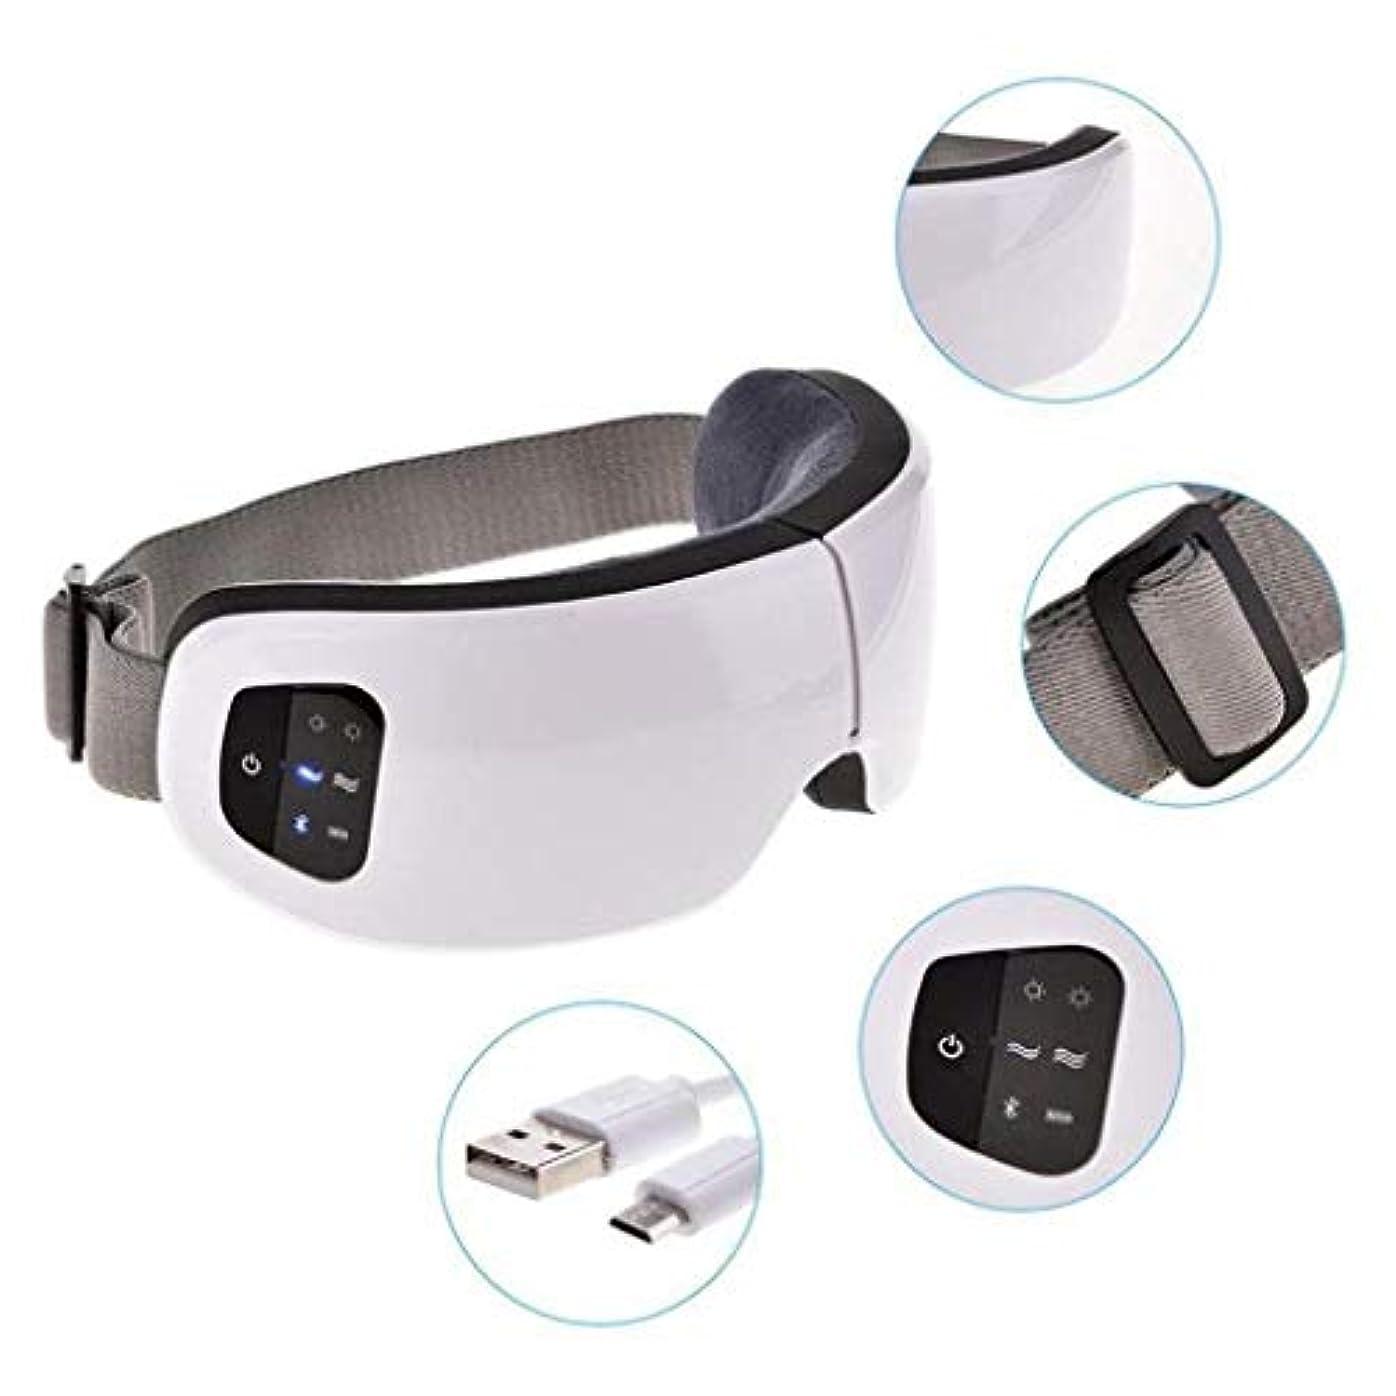 ドームセメントステレオタイプホットプレス充電式ワイヤレスアイマッサージャーマスク空気圧振動とBluetooth機能付きアイバッグ、ダークサークル、アイ疲労、ドライアイ